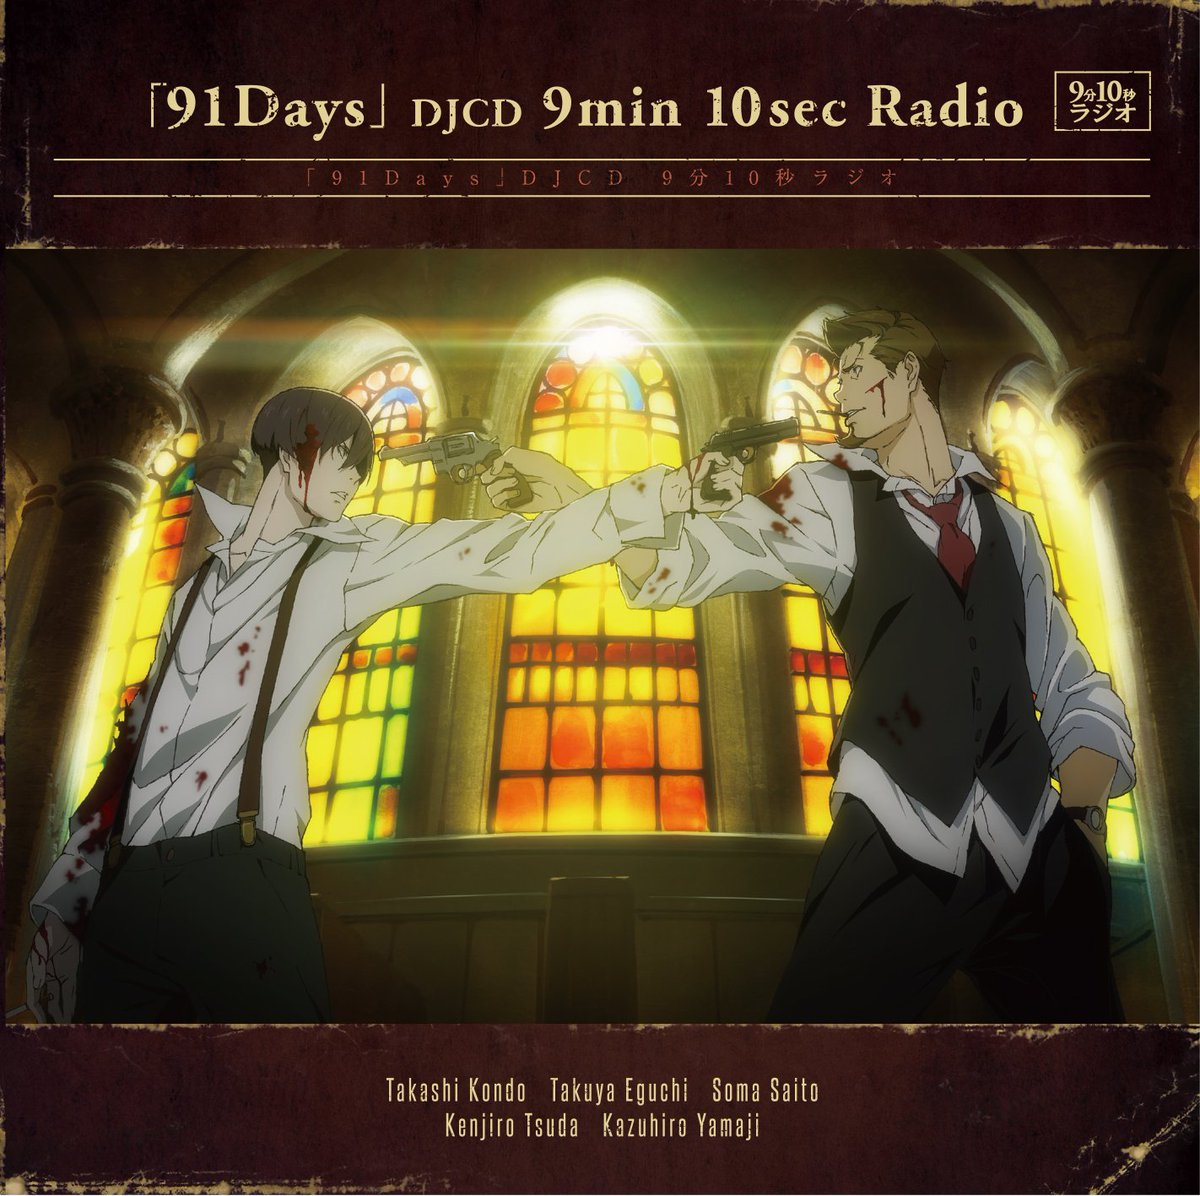 【商品情報】あの「9分10秒」ラジオが2枚組でDJCD化!DISC1は新規録り下ろし!録り下ろしゲストはヴィンセント役・